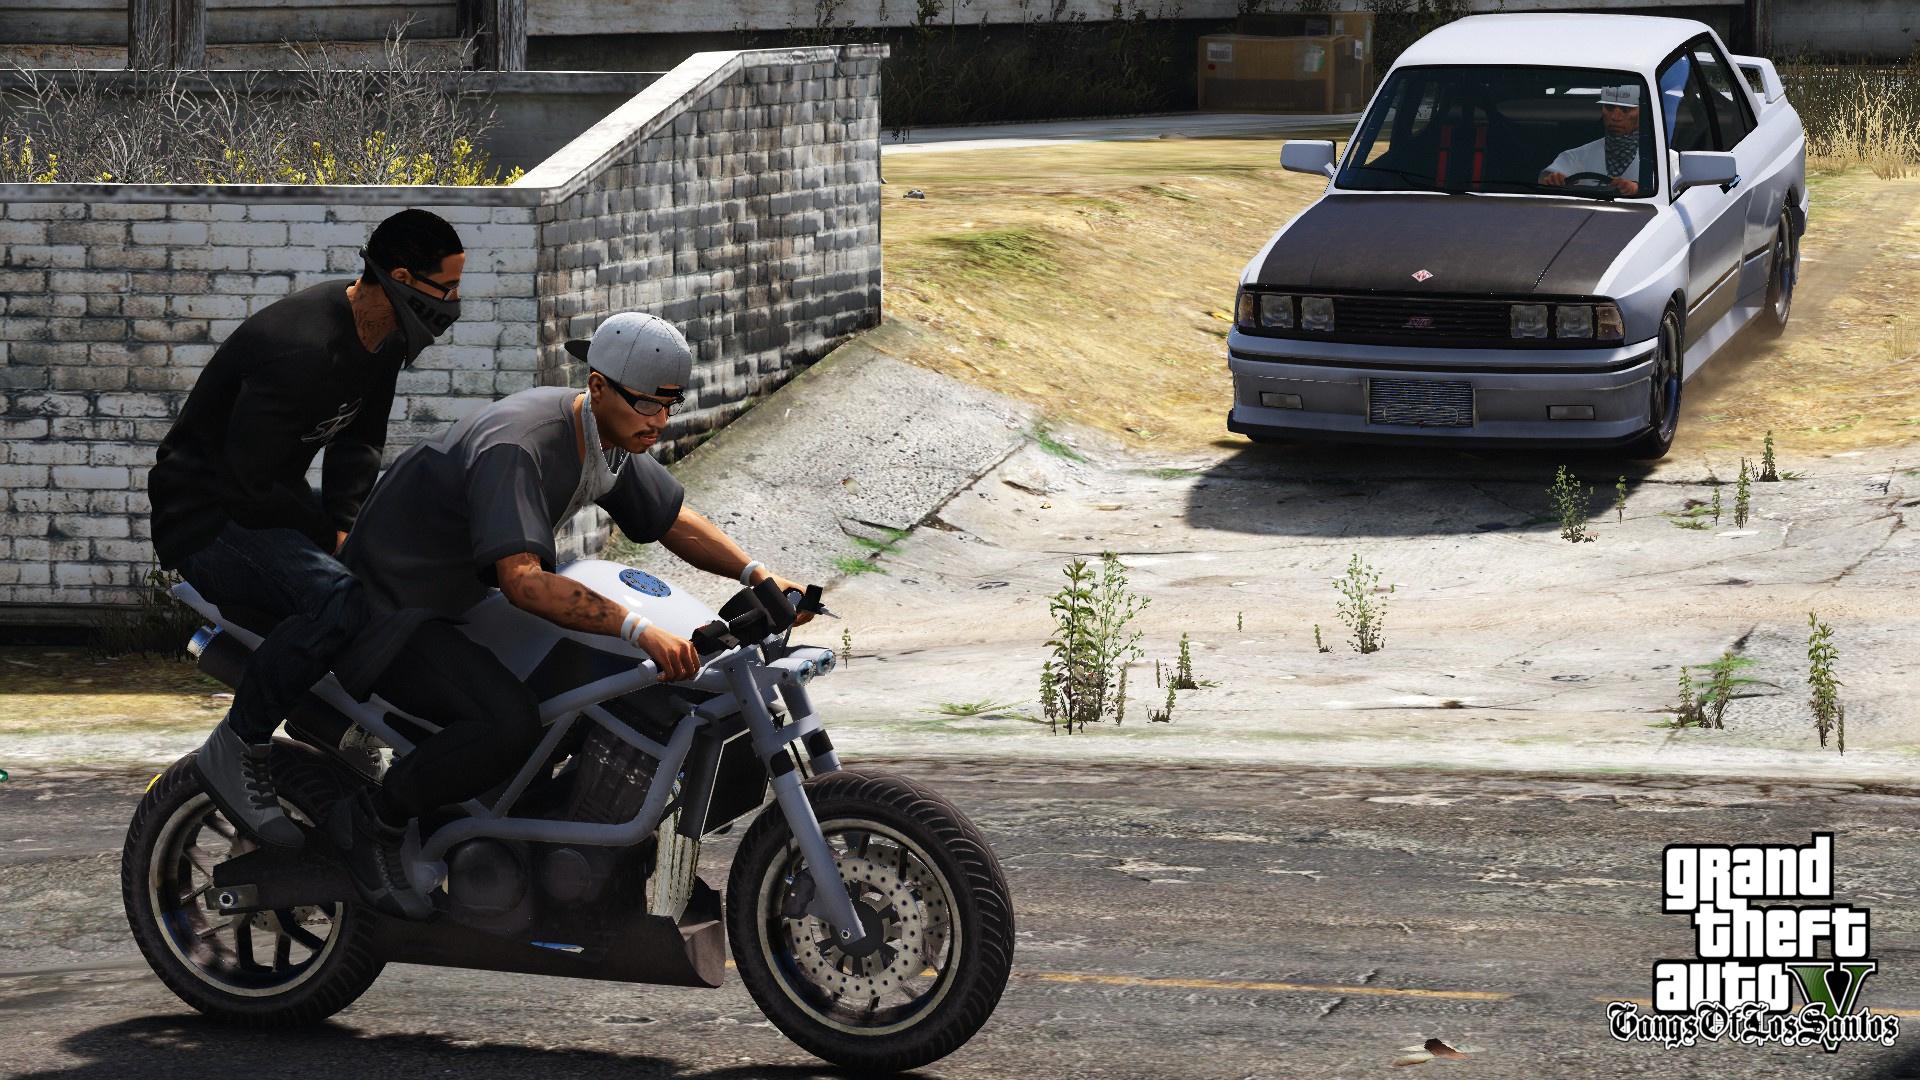 Gangs Of Los Santos Oiv Gta5 Mods Com